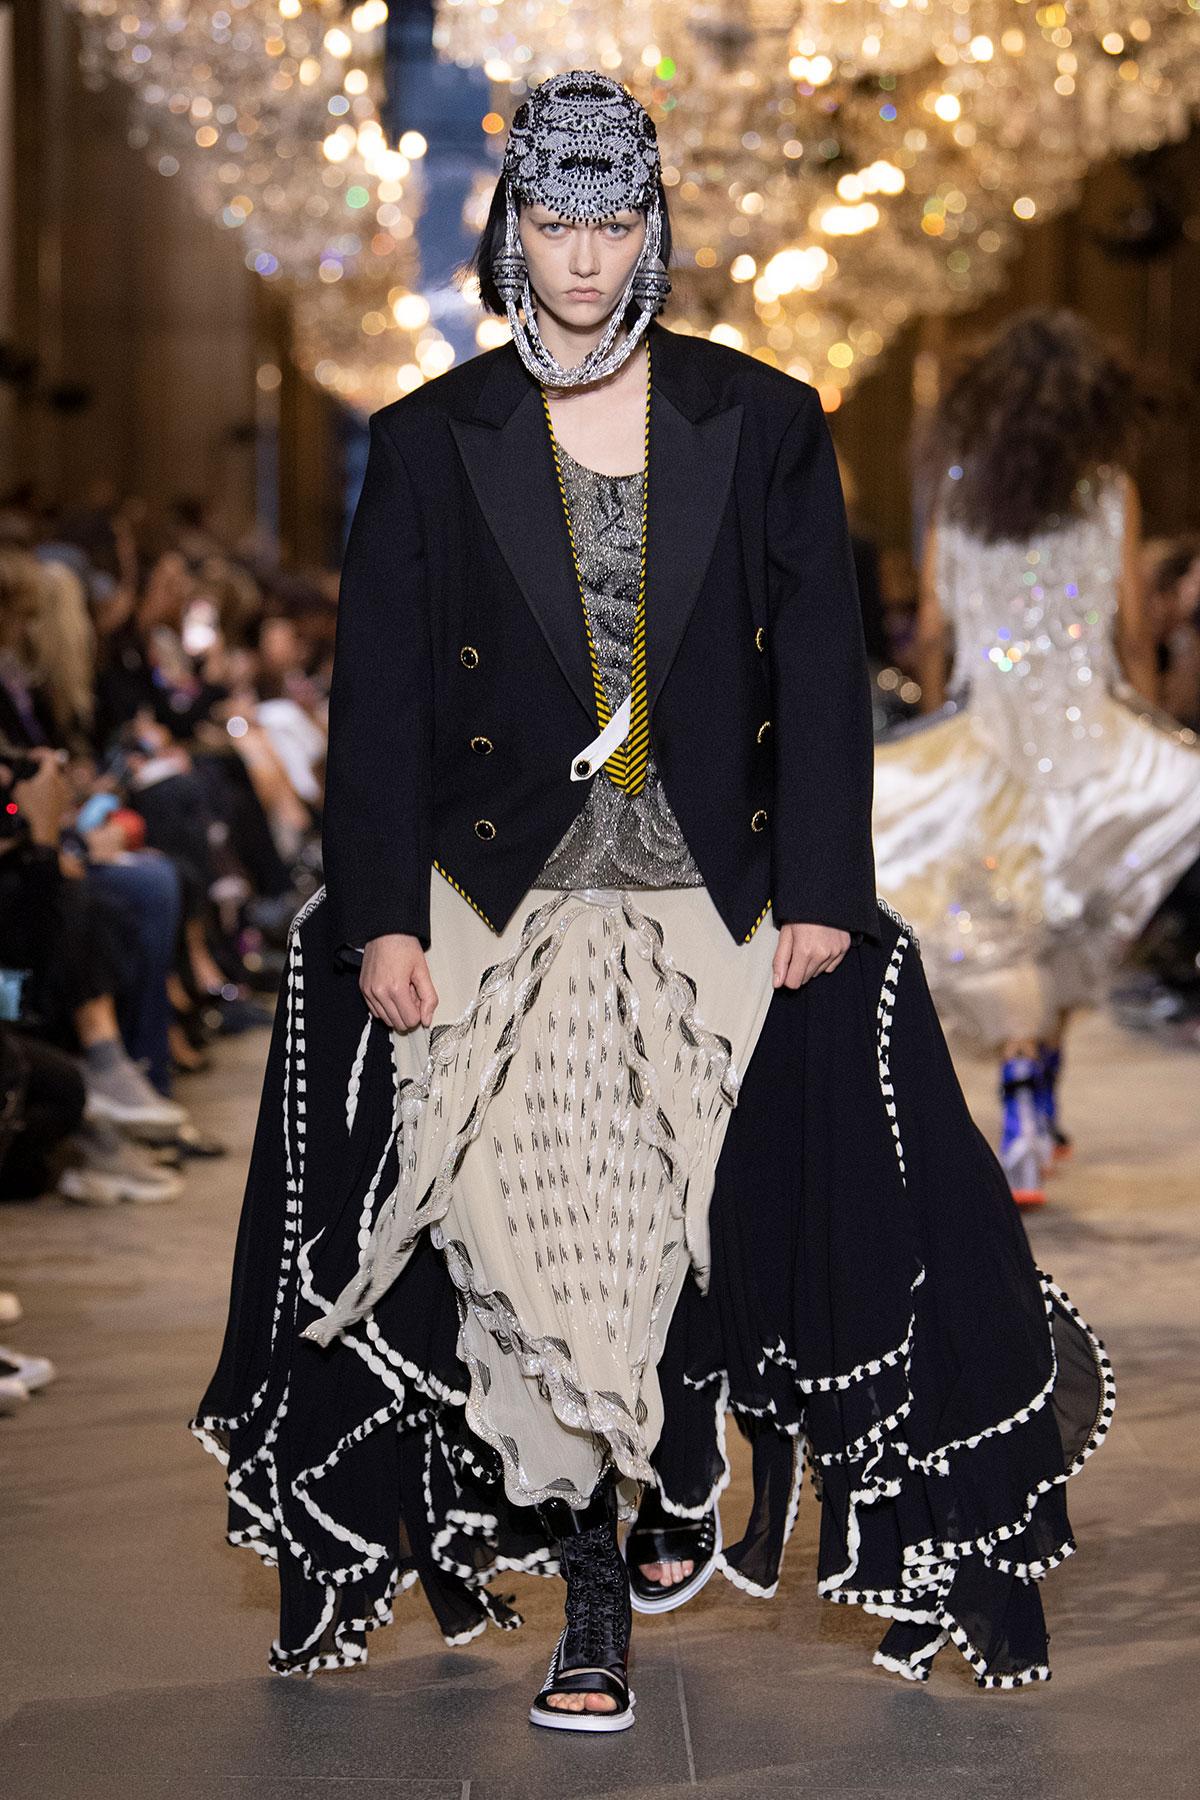 Louis Vuitton Spring Summer 2022 Collection